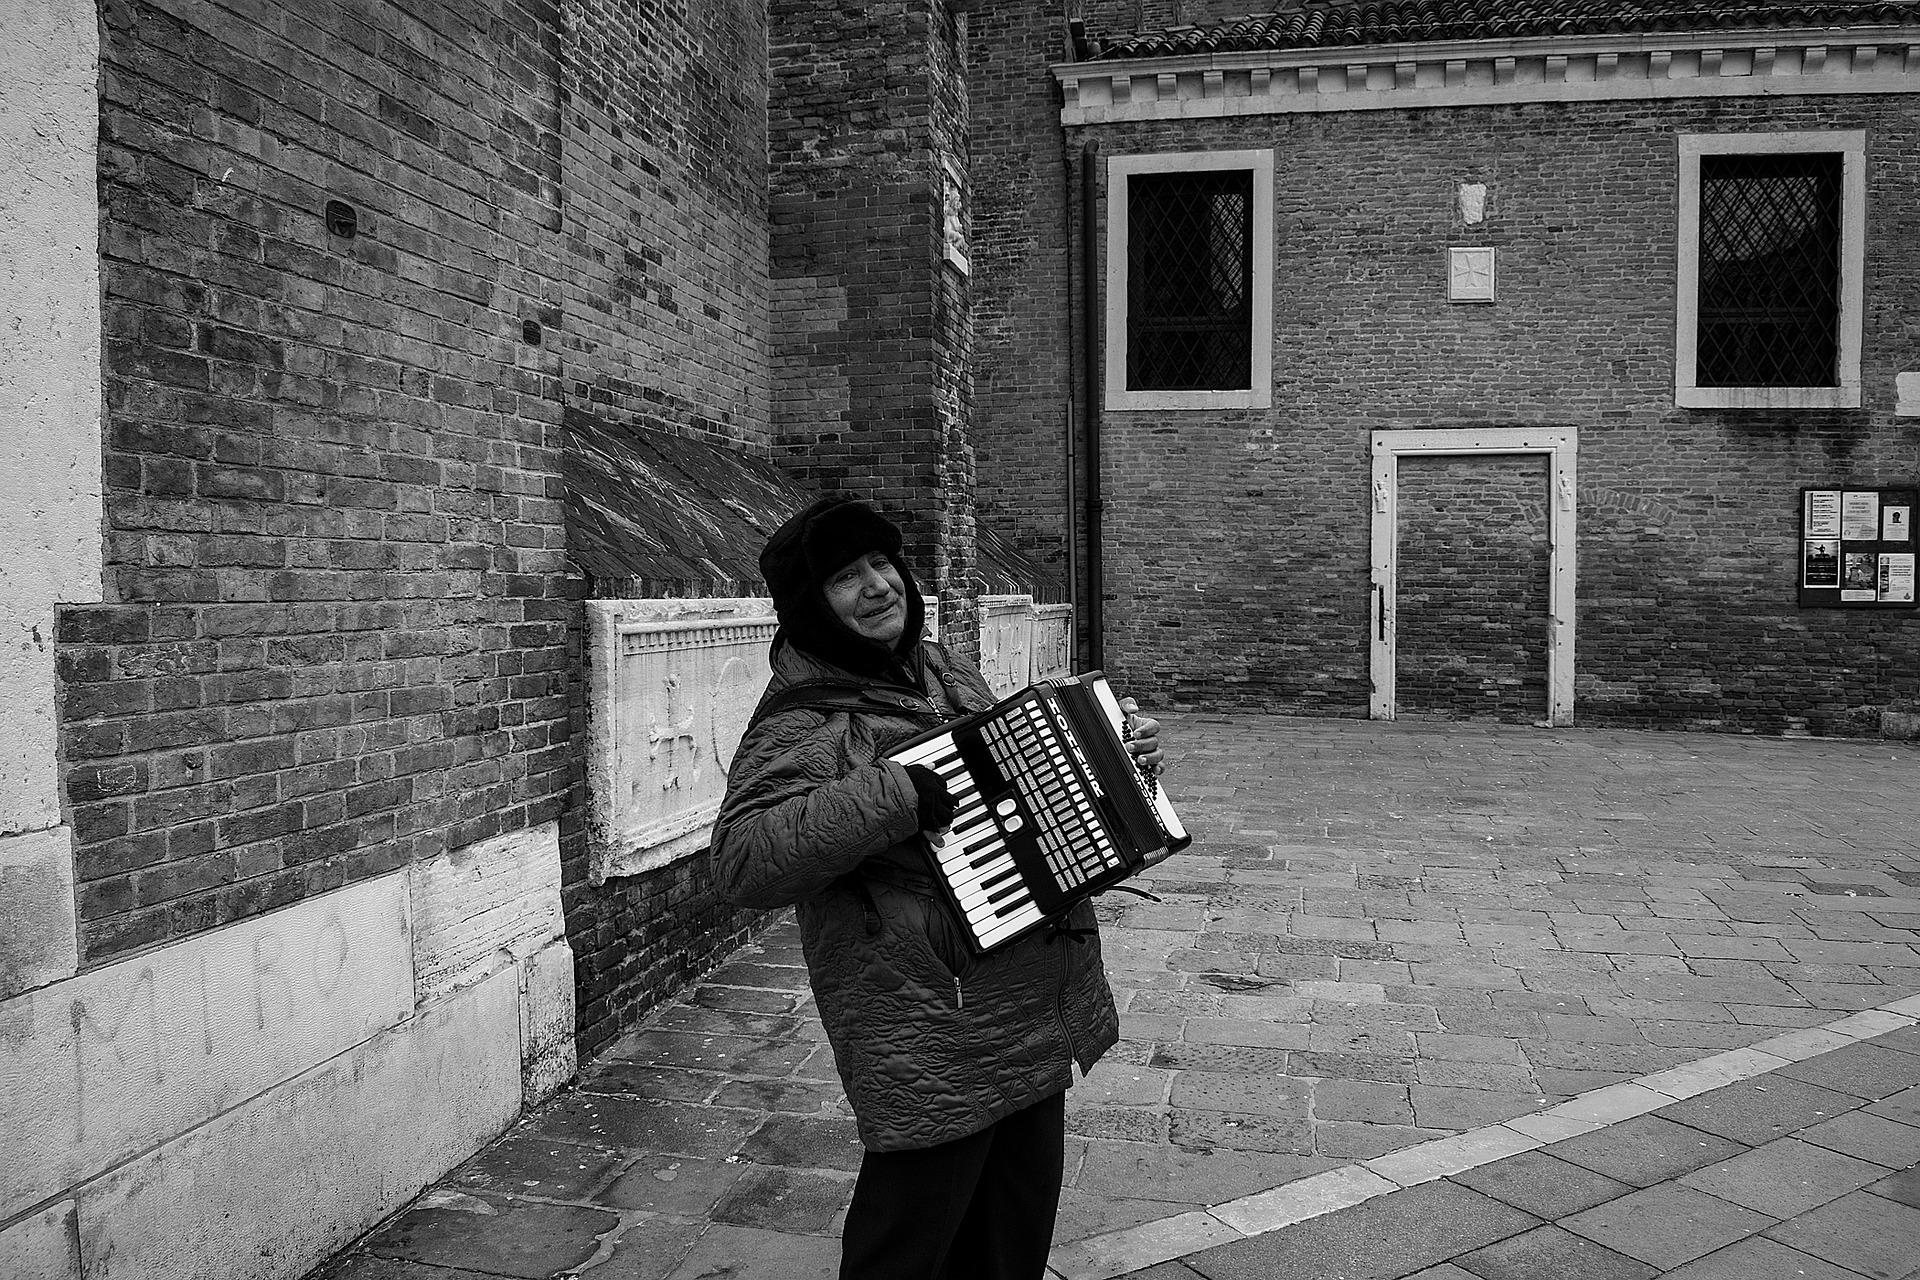 A foto em preto e branco mostra um homem com casaco pesado e touca tocando acordeon. Ao fundo, podemos ver prédios de tijolo.